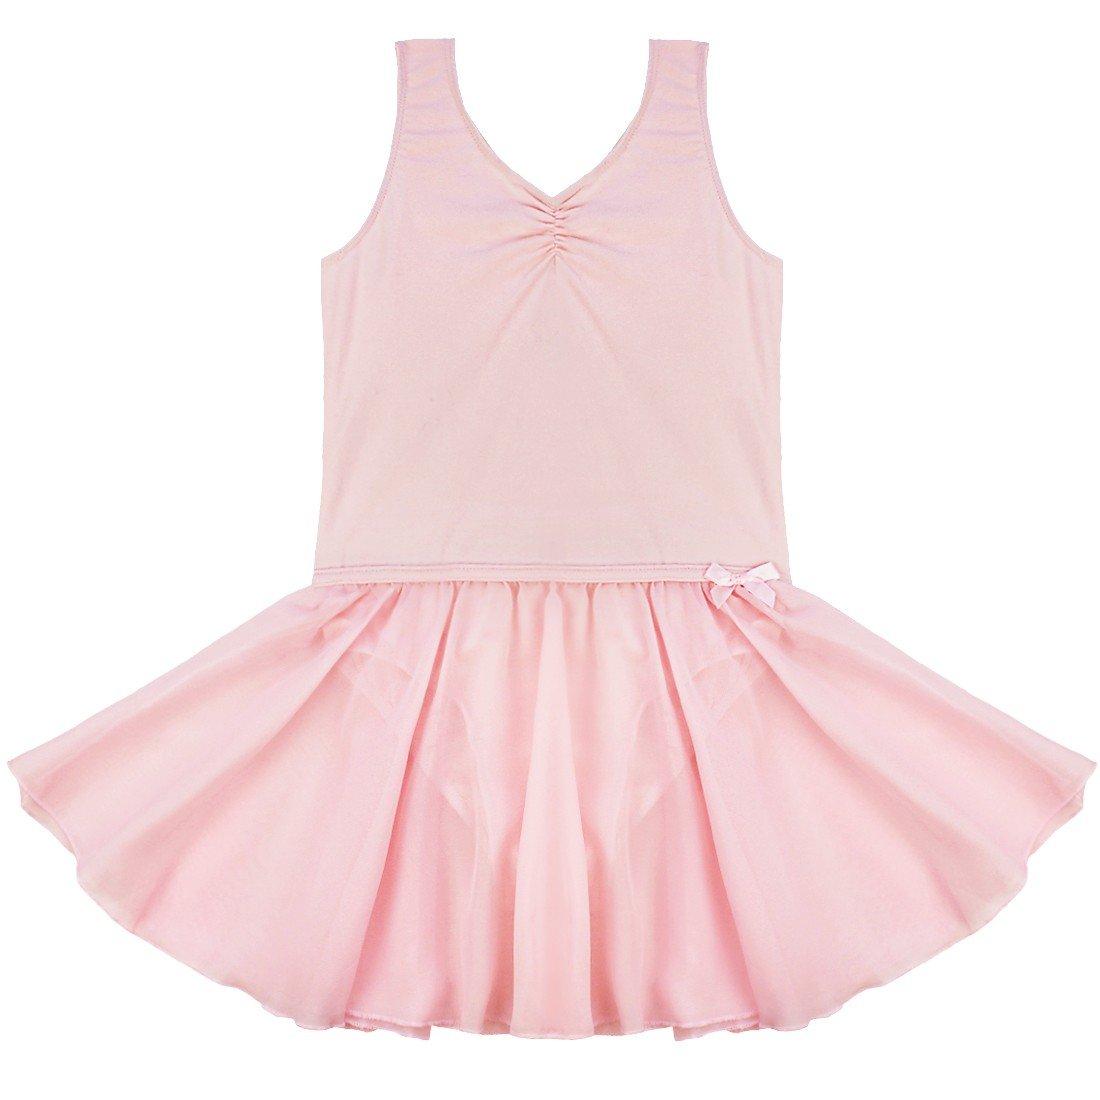 Pink tutu dress amazon